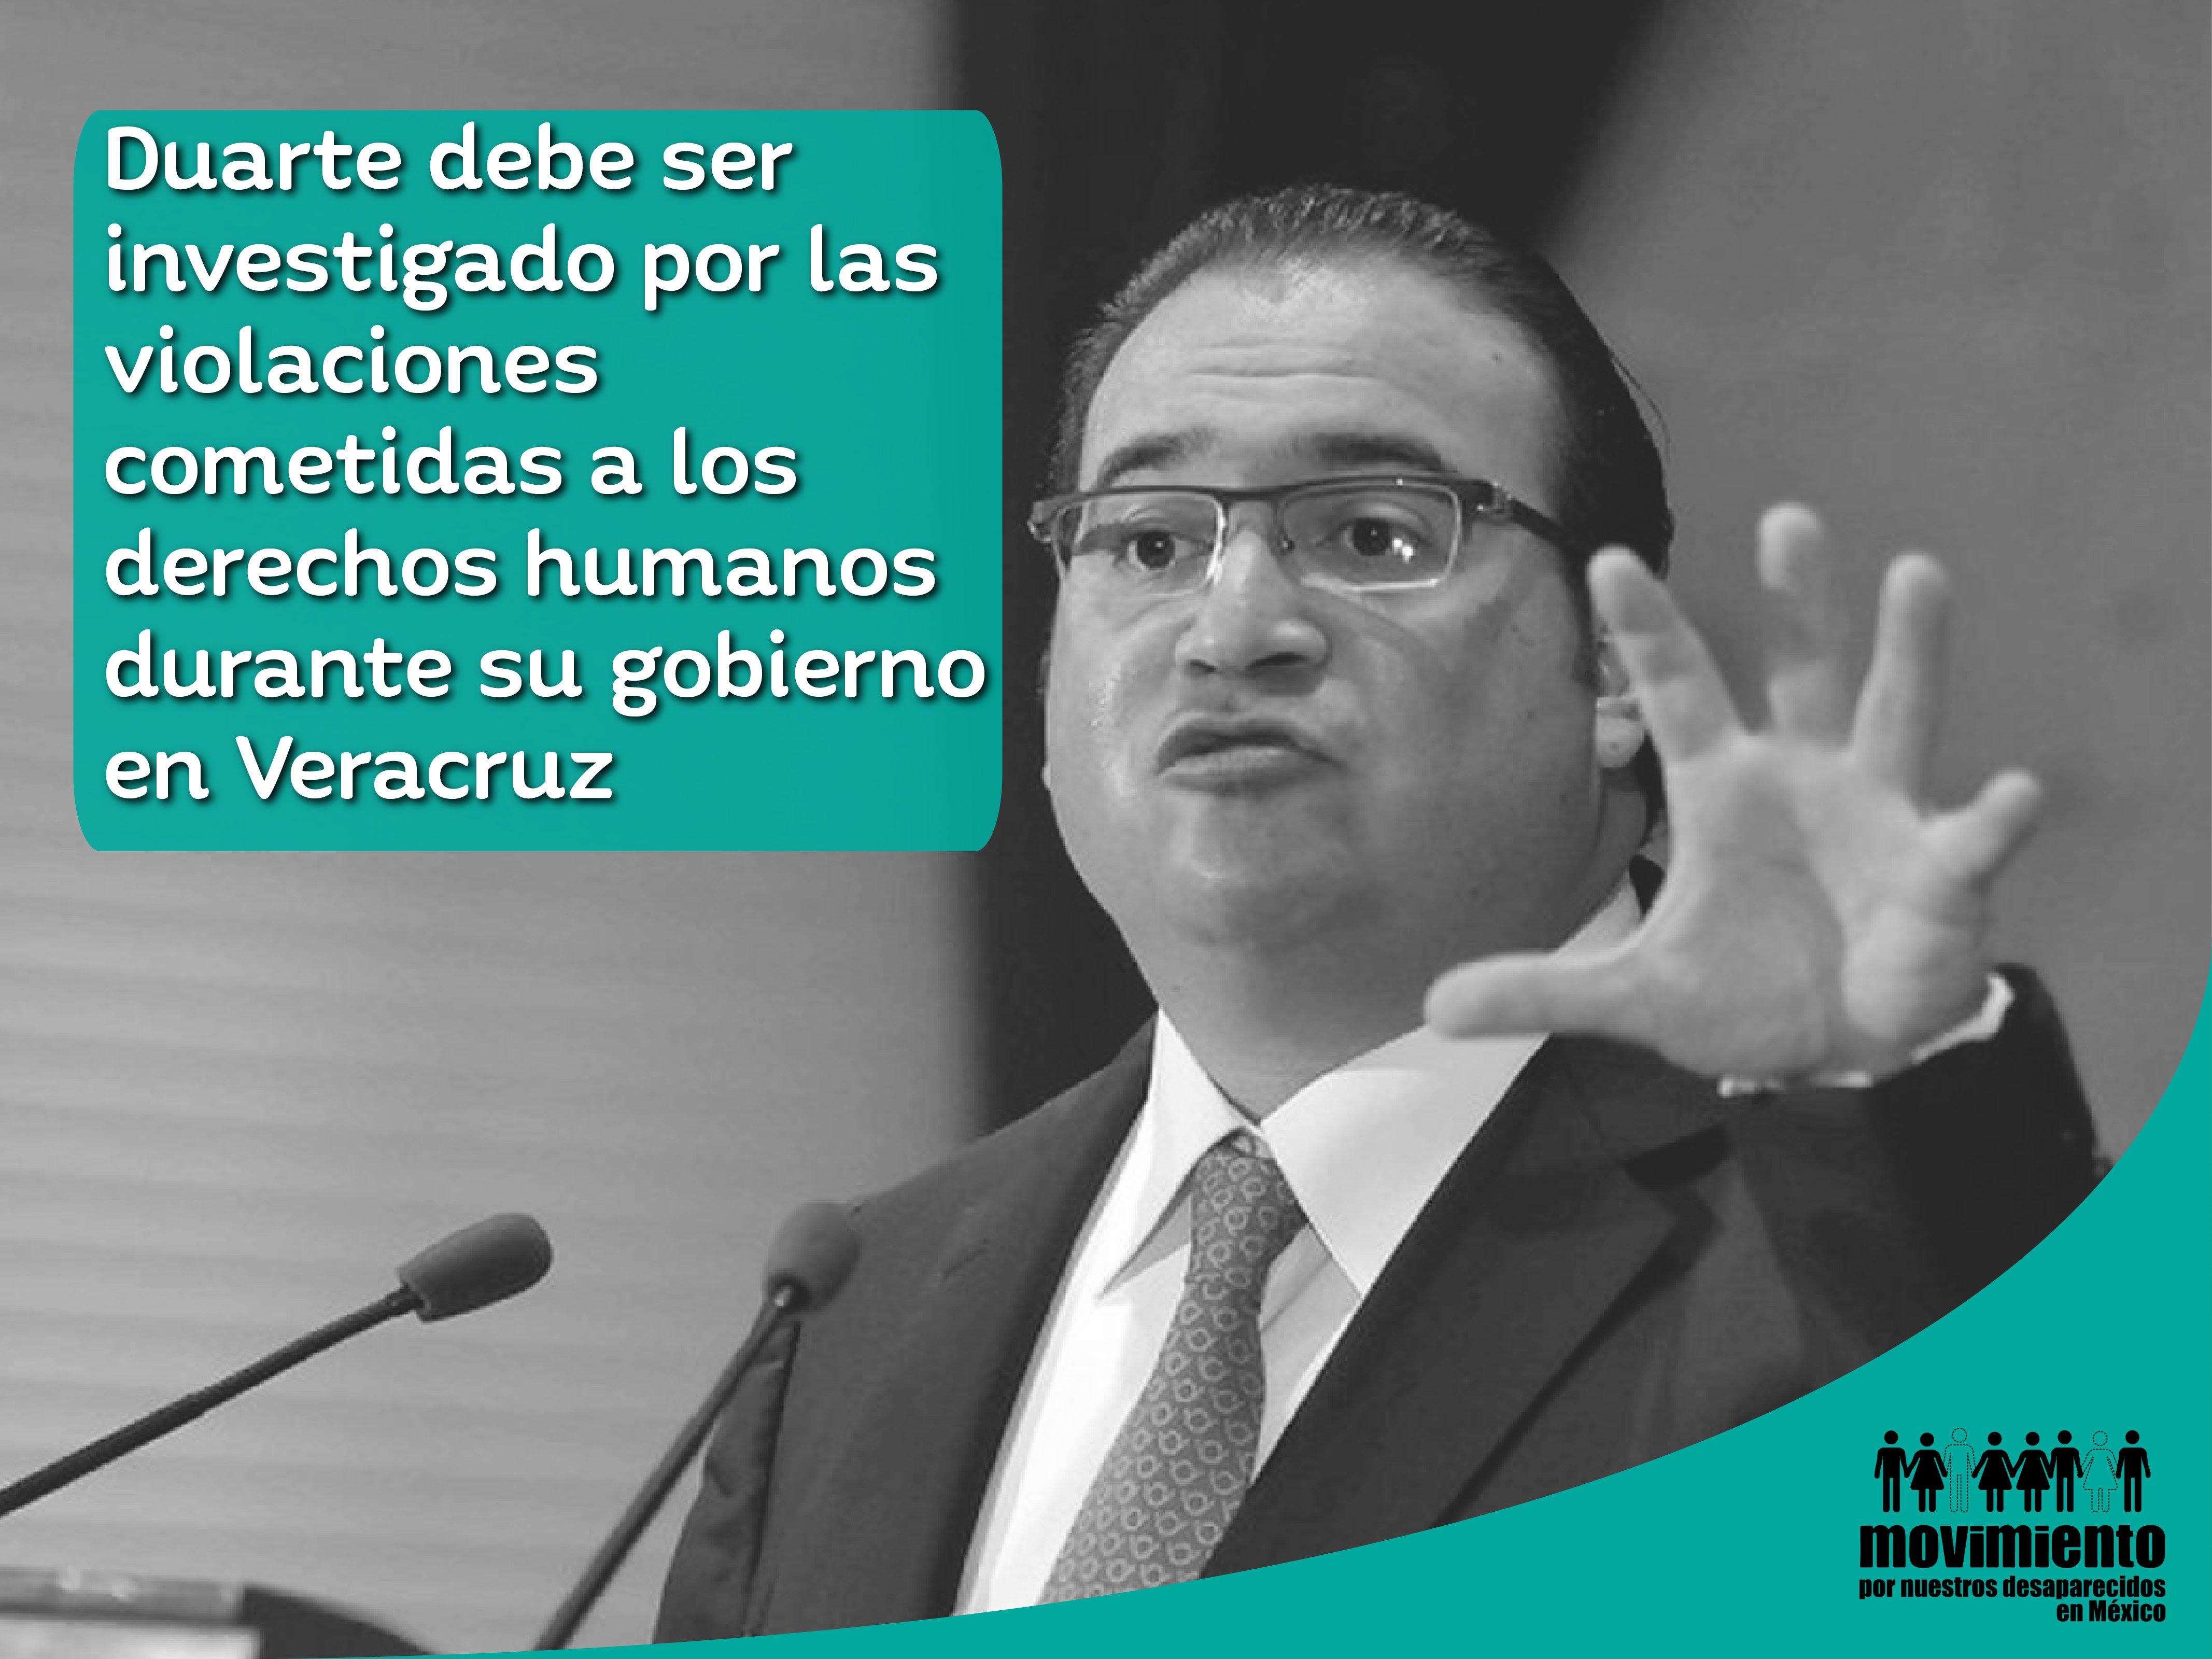 Movimiento por Nuestros Desaparecidos pide se investigar a Duarte por violaciones a Derechos Humanos